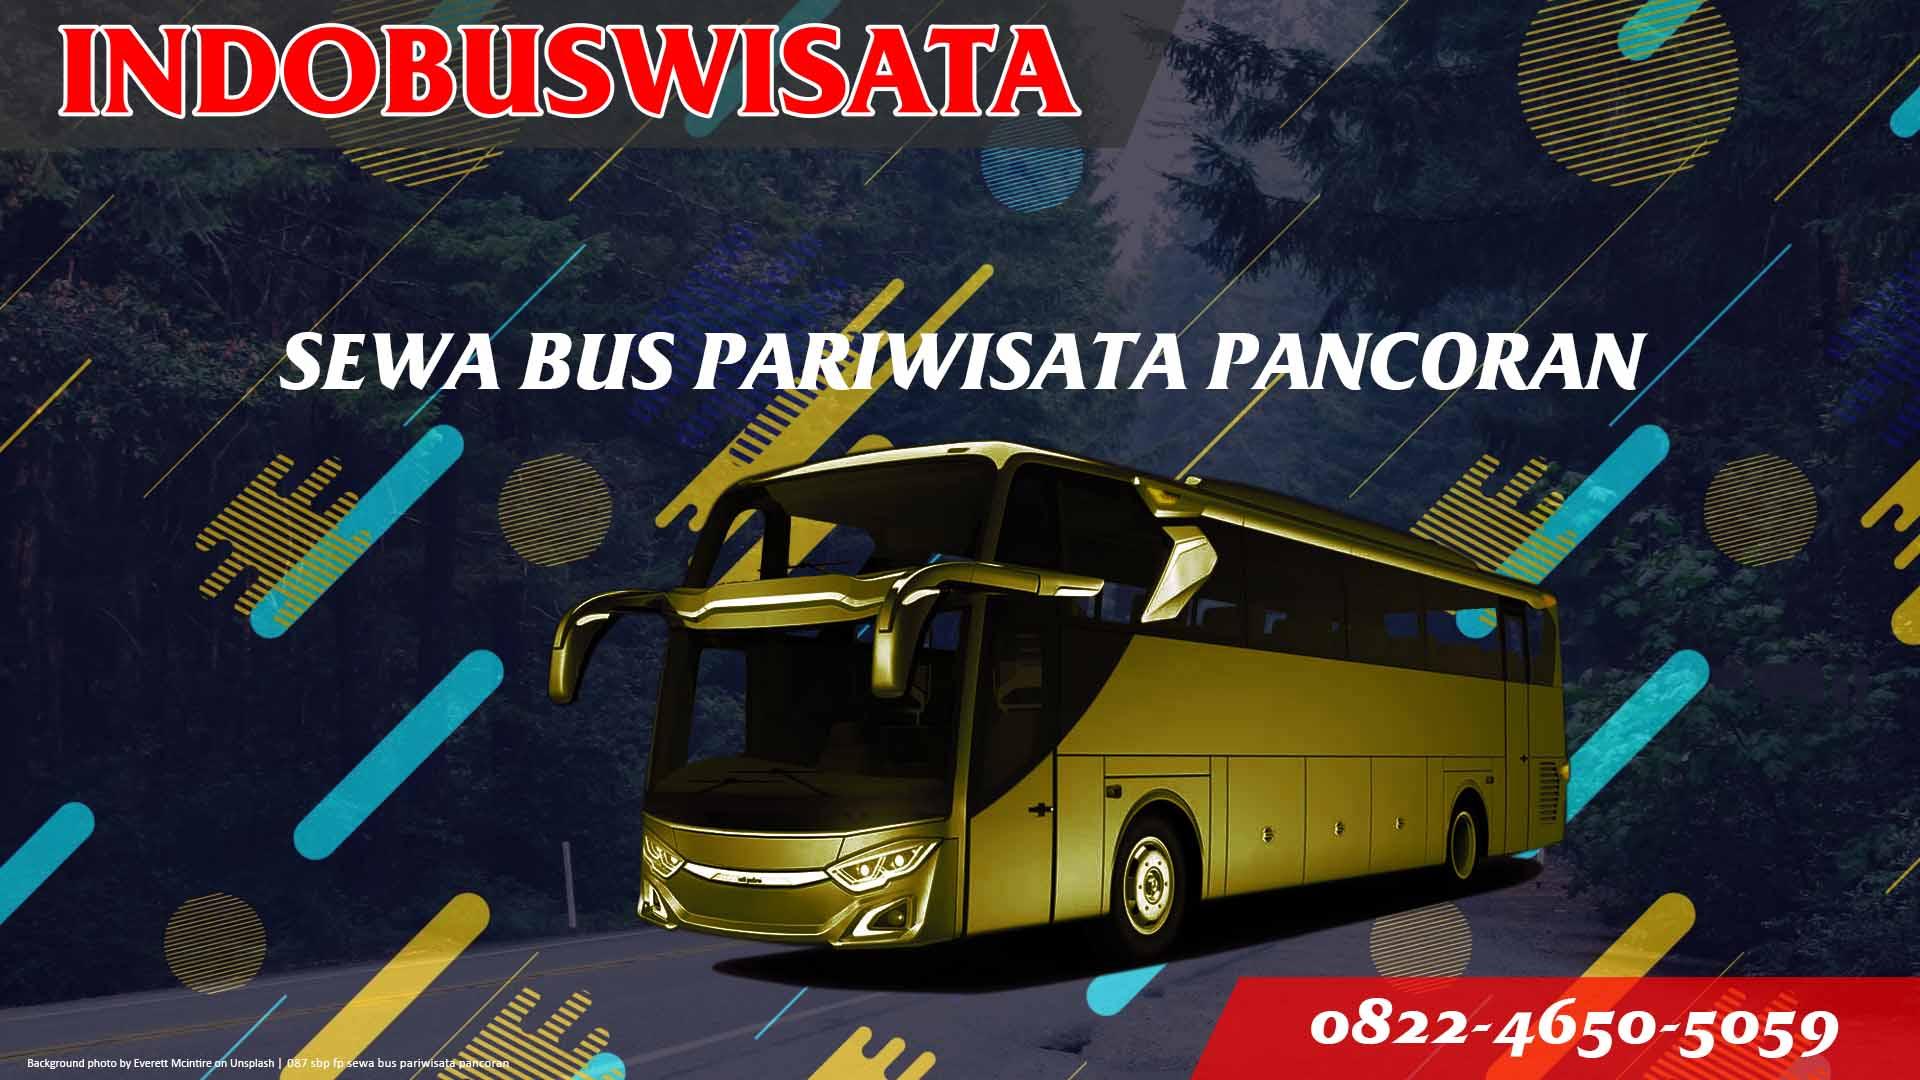 087 Sbp Fp Sewa Bus Pariwisata Pancoran Indobuswisata